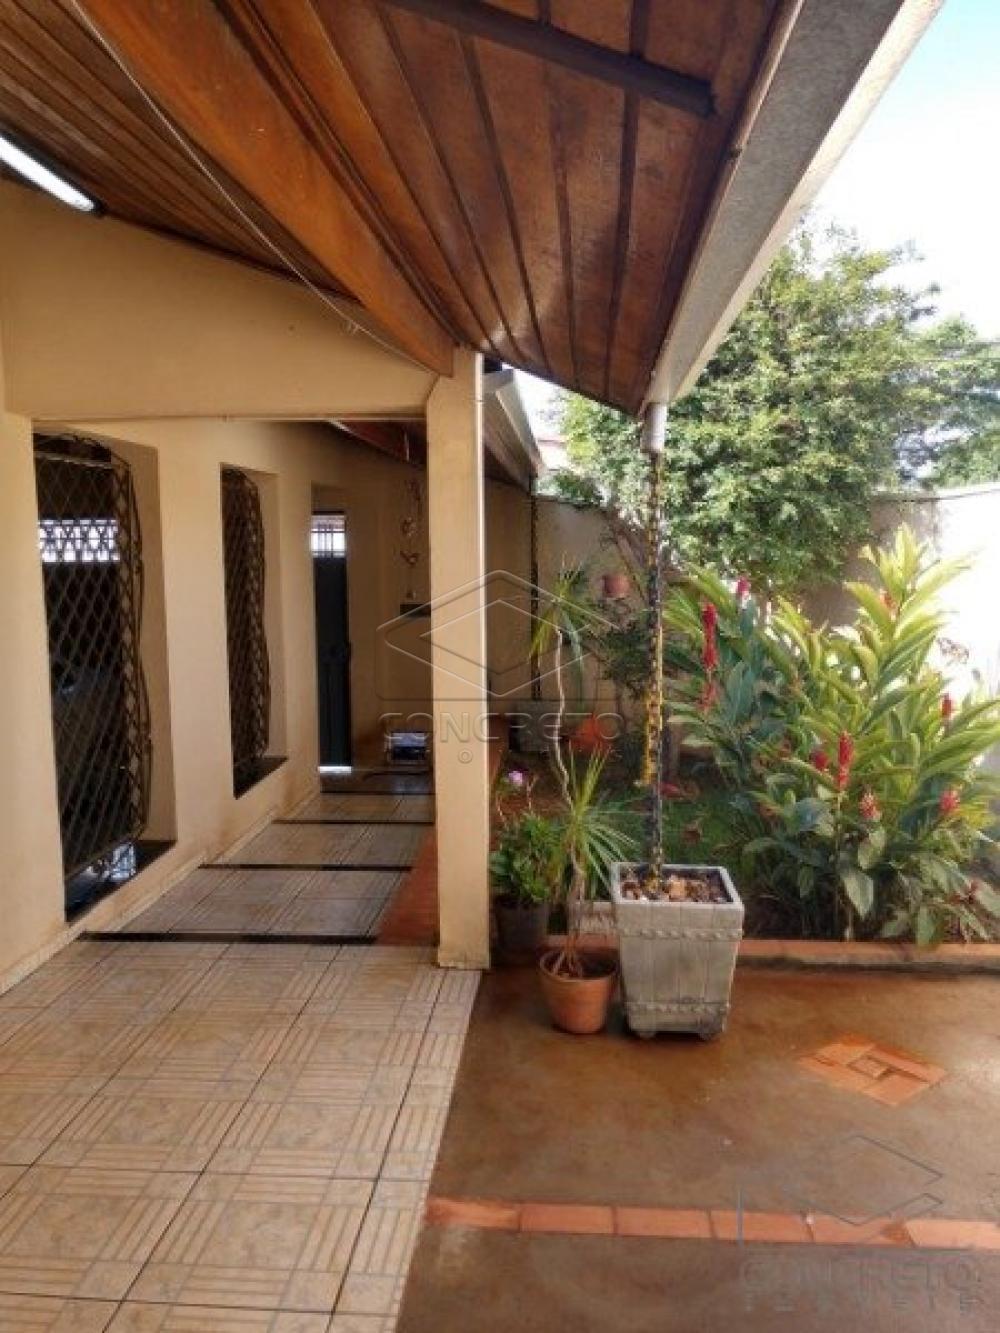 Comprar Casa / Residencia em Jaú apenas R$ 255.000,00 - Foto 6